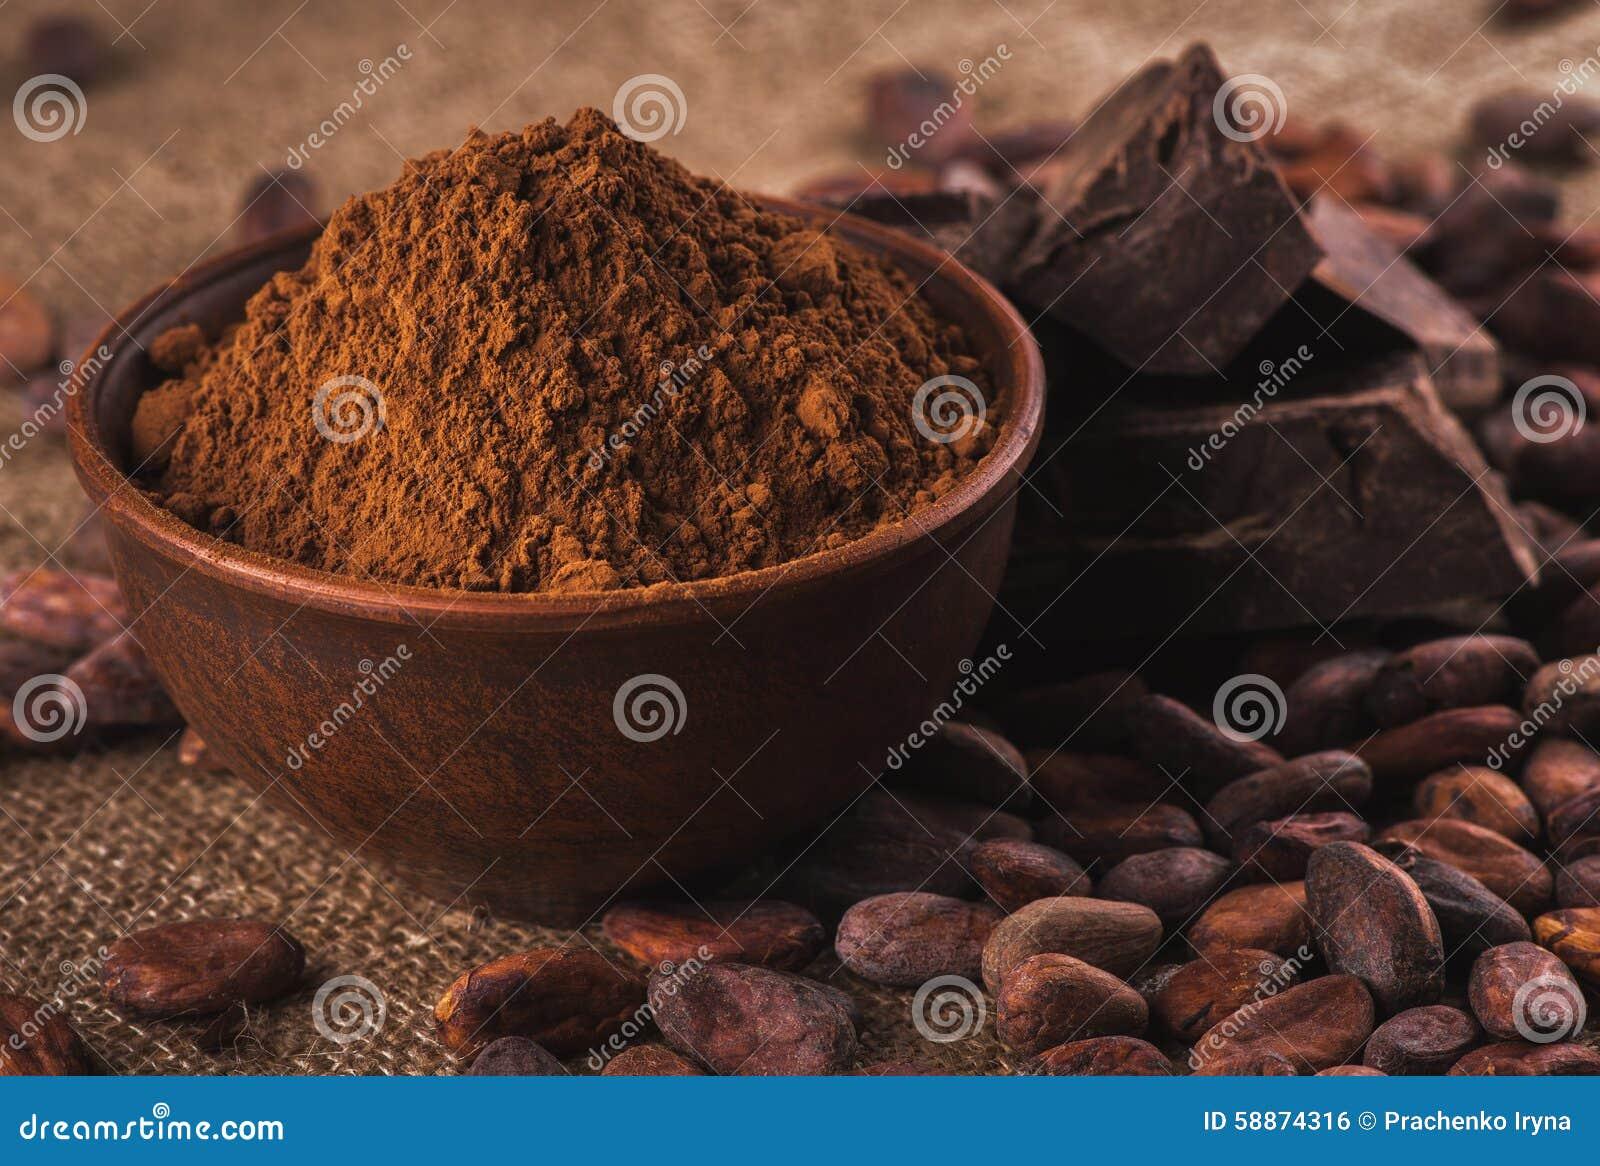 Cacao in polvere in una ciotola ceramica marrone, fave di cacao crude nella pipi